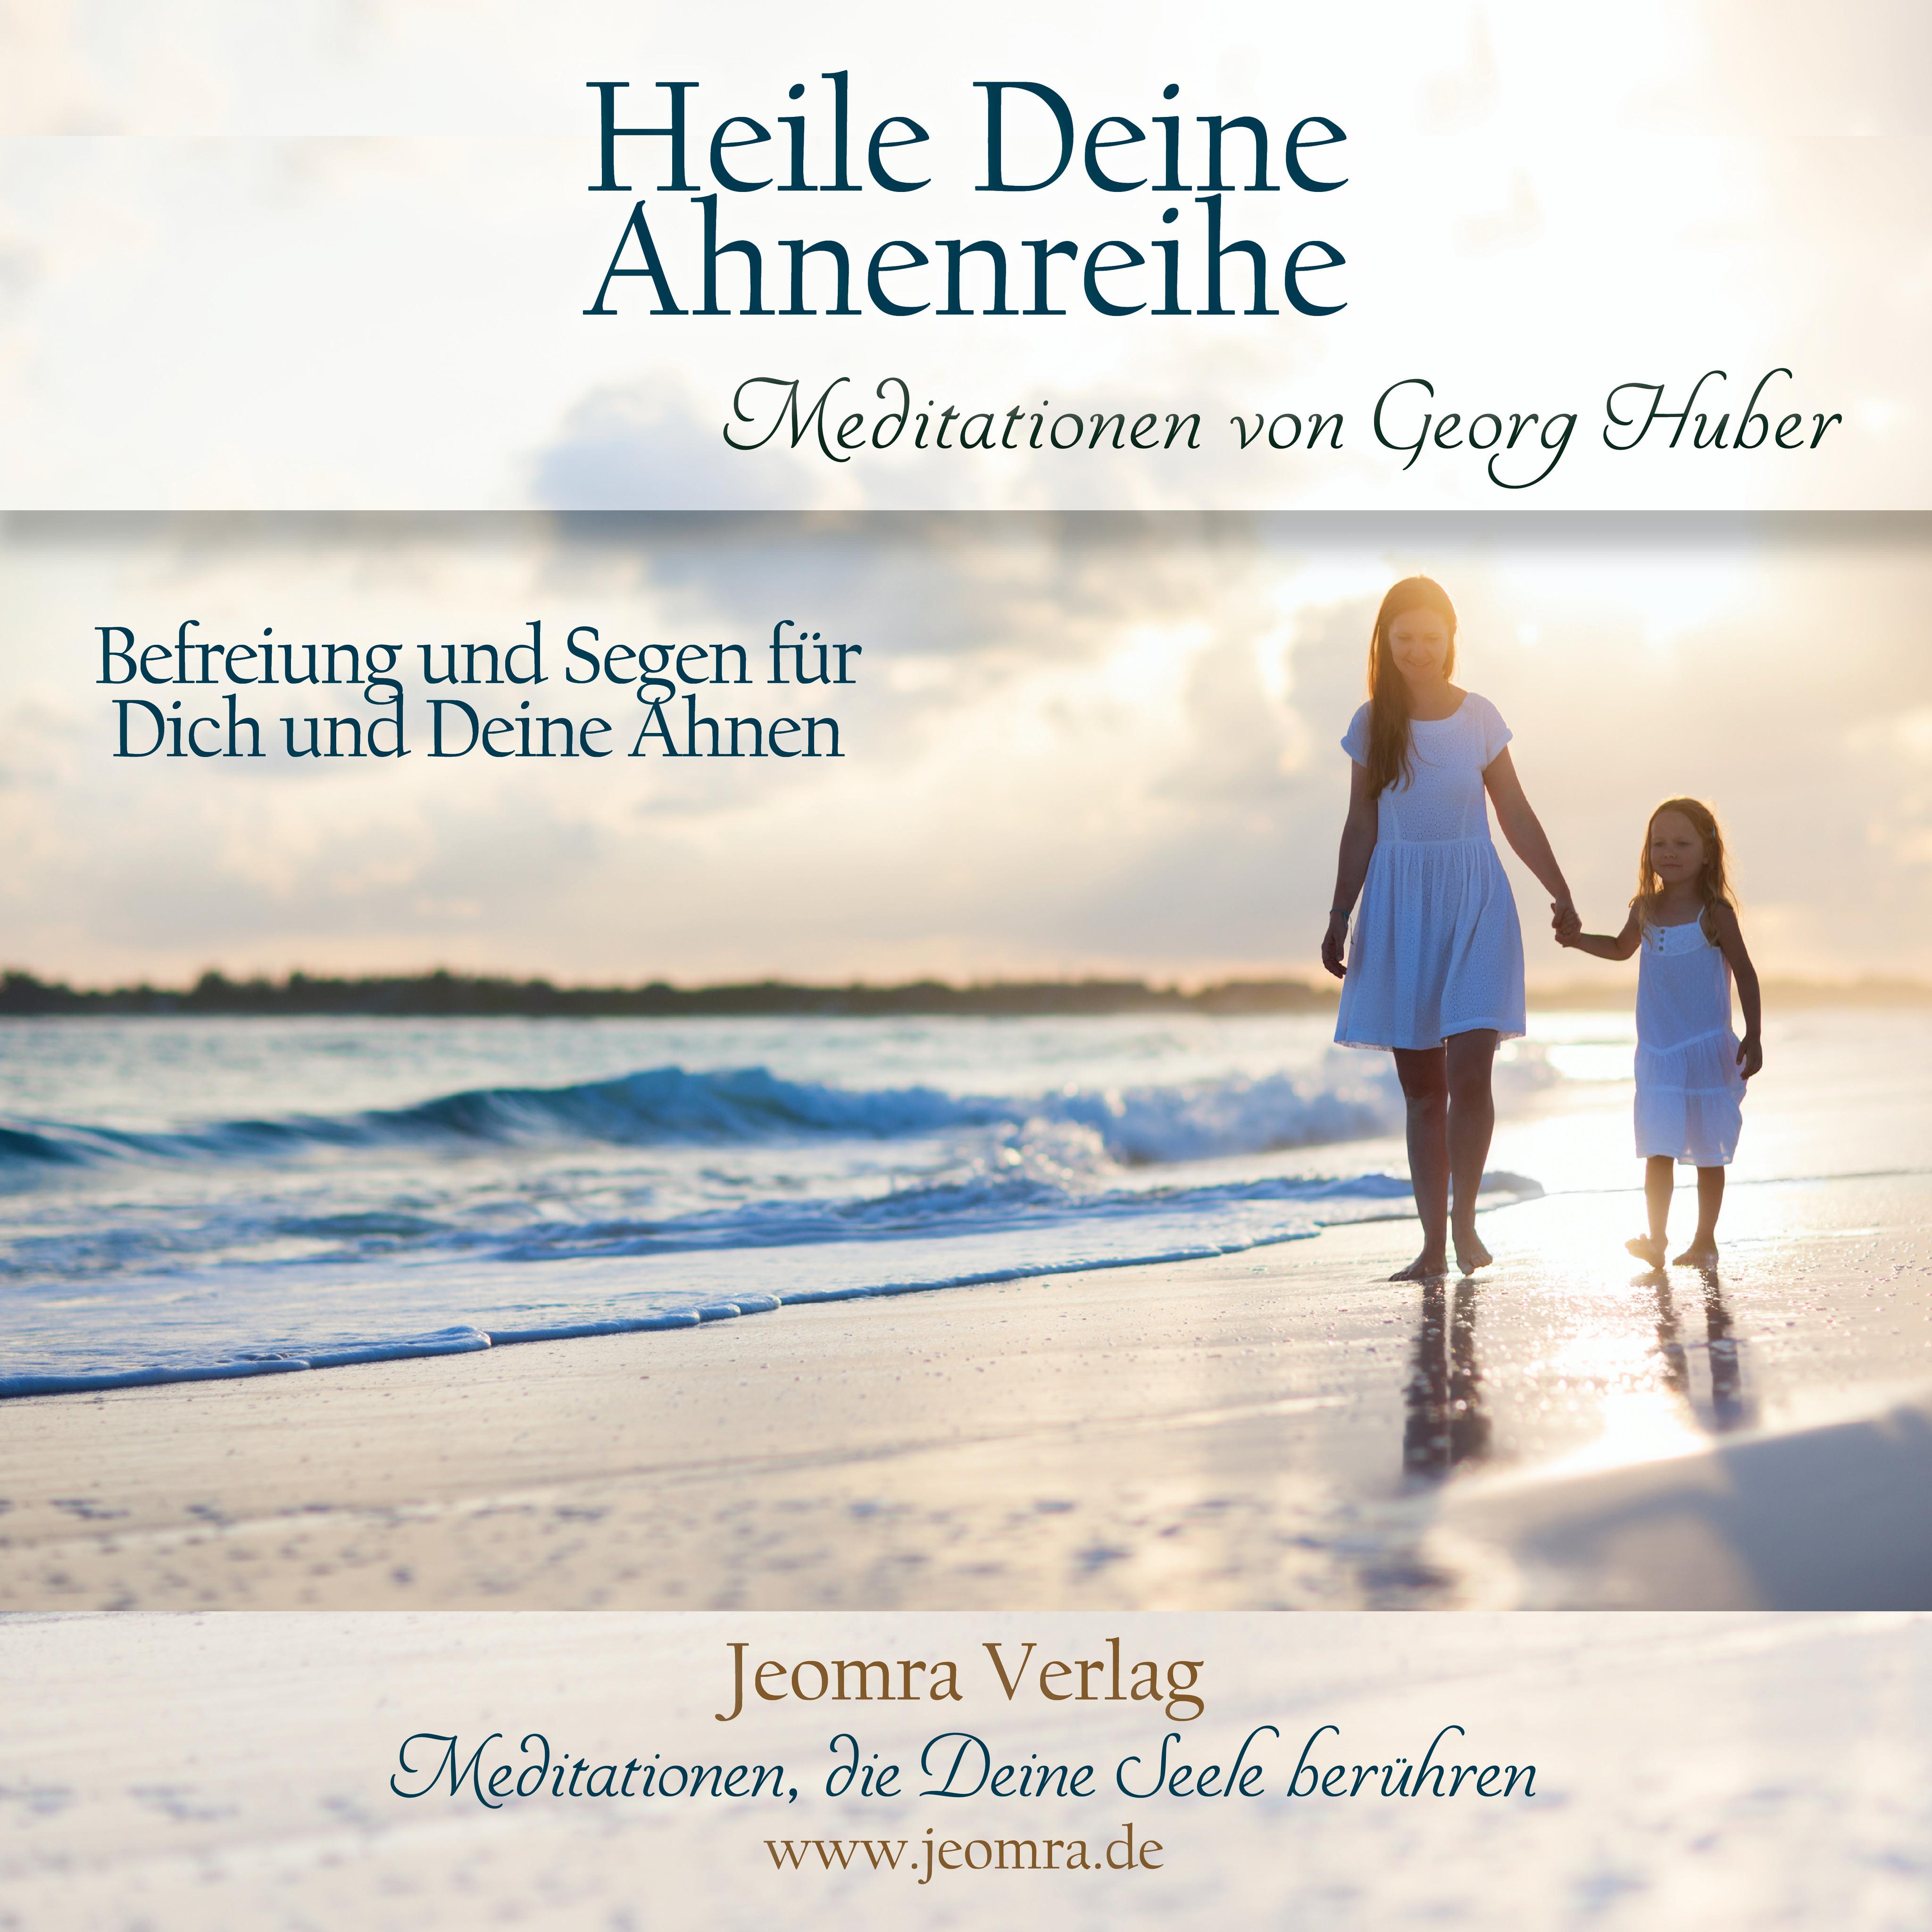 Heile Deine Ahnenreihe - Meditations-CD Georg Huber